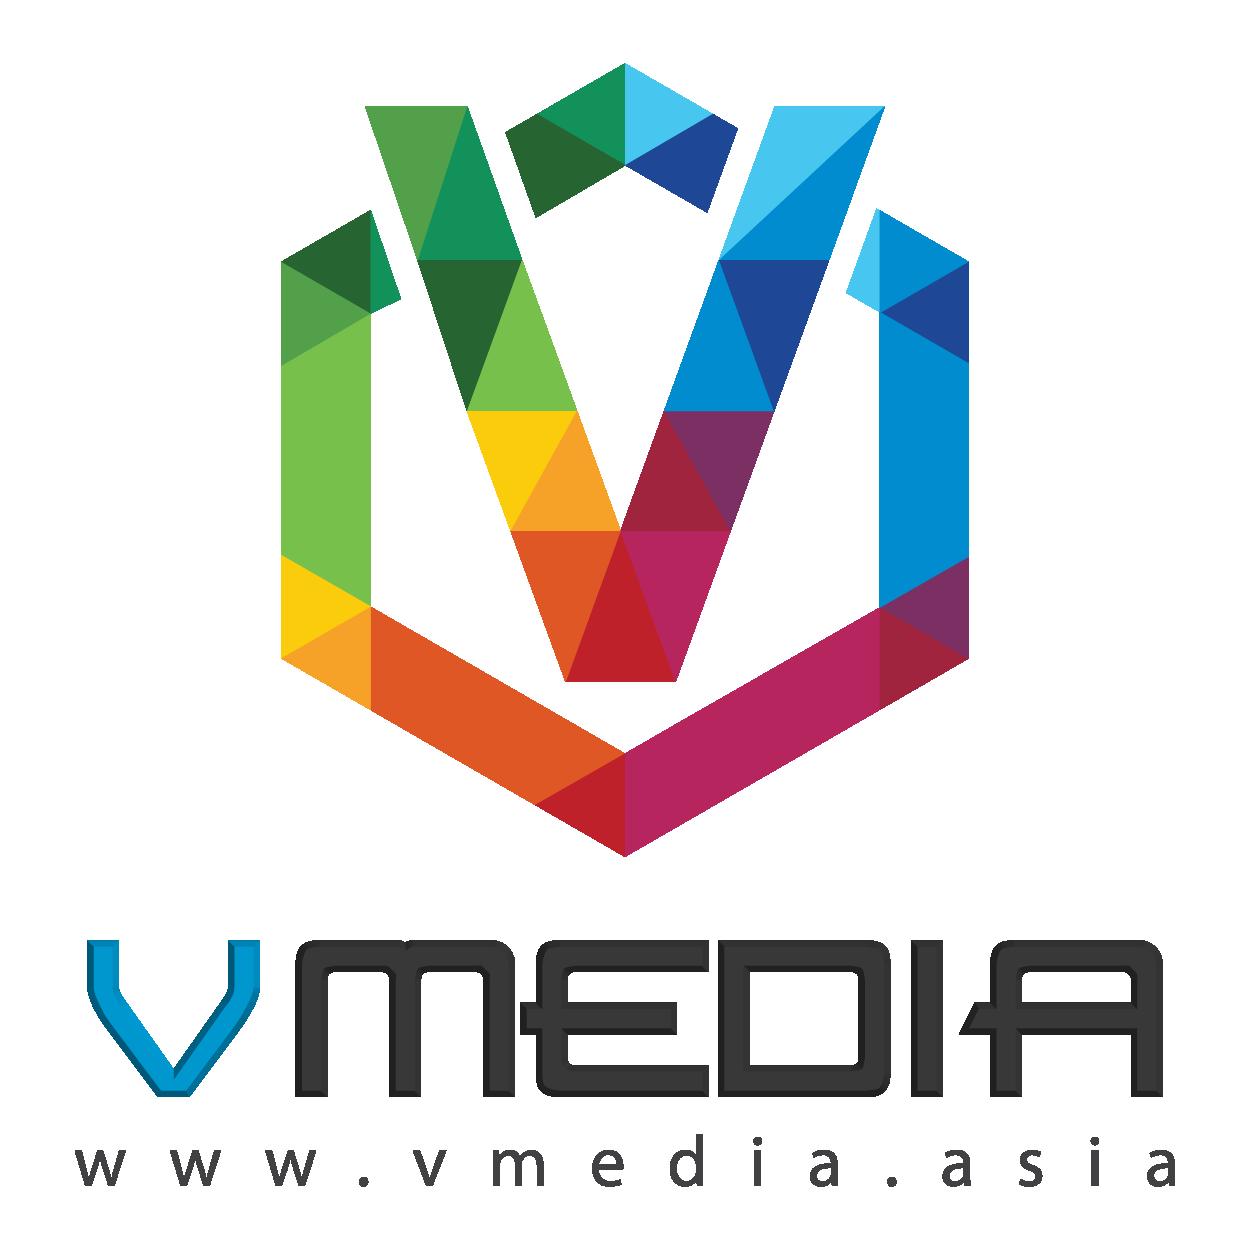 V Media Asia